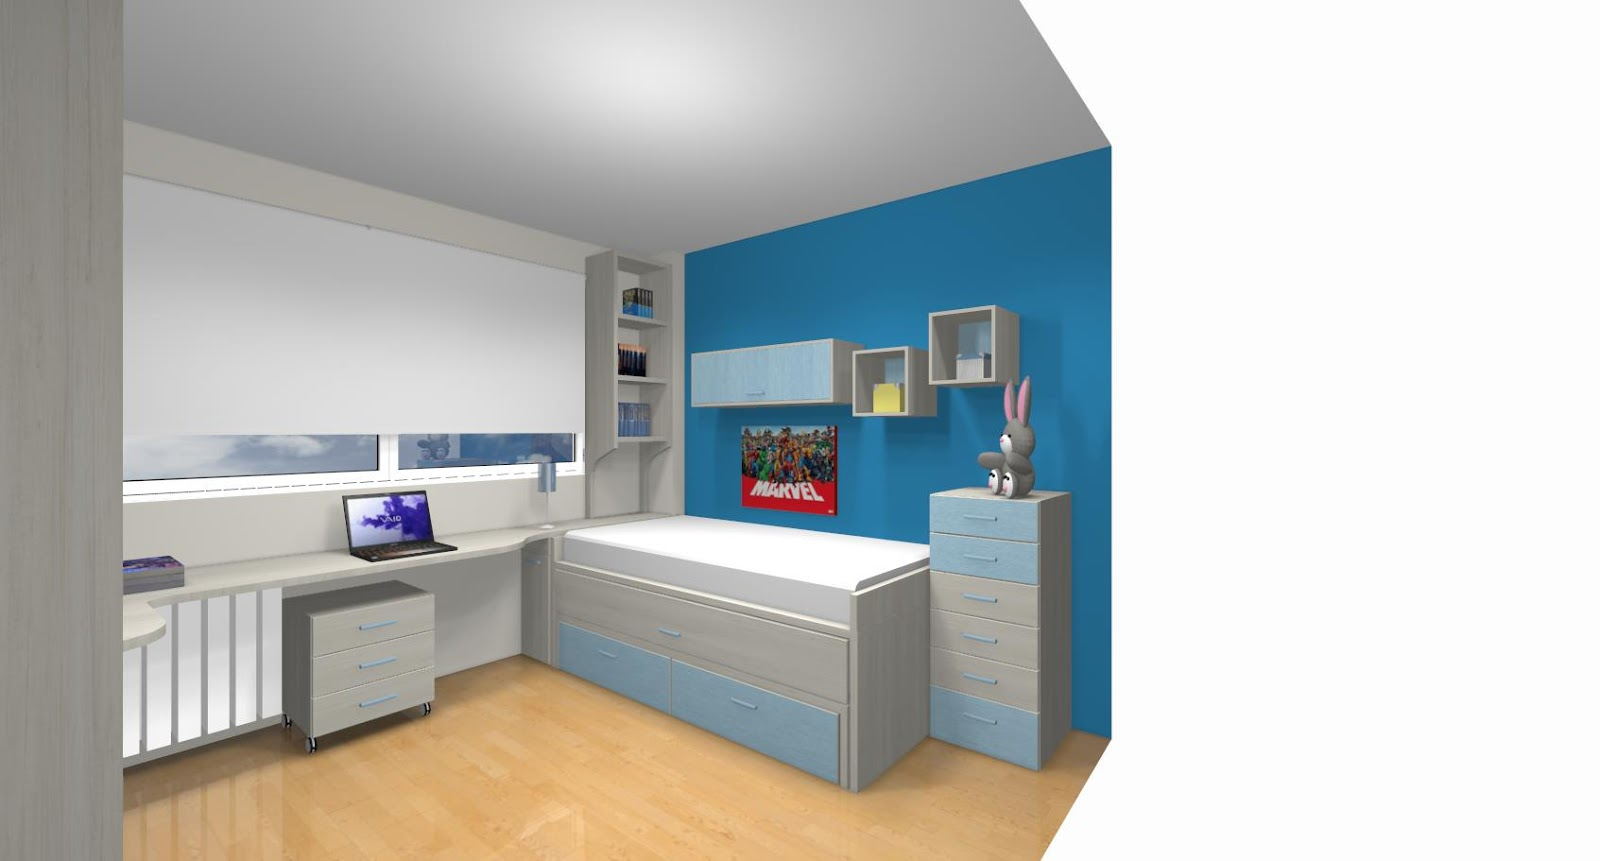 Xikara dormitorios juveniles y habitaciones infantiles madrid - Dormitorios juveniles segunda mano madrid ...